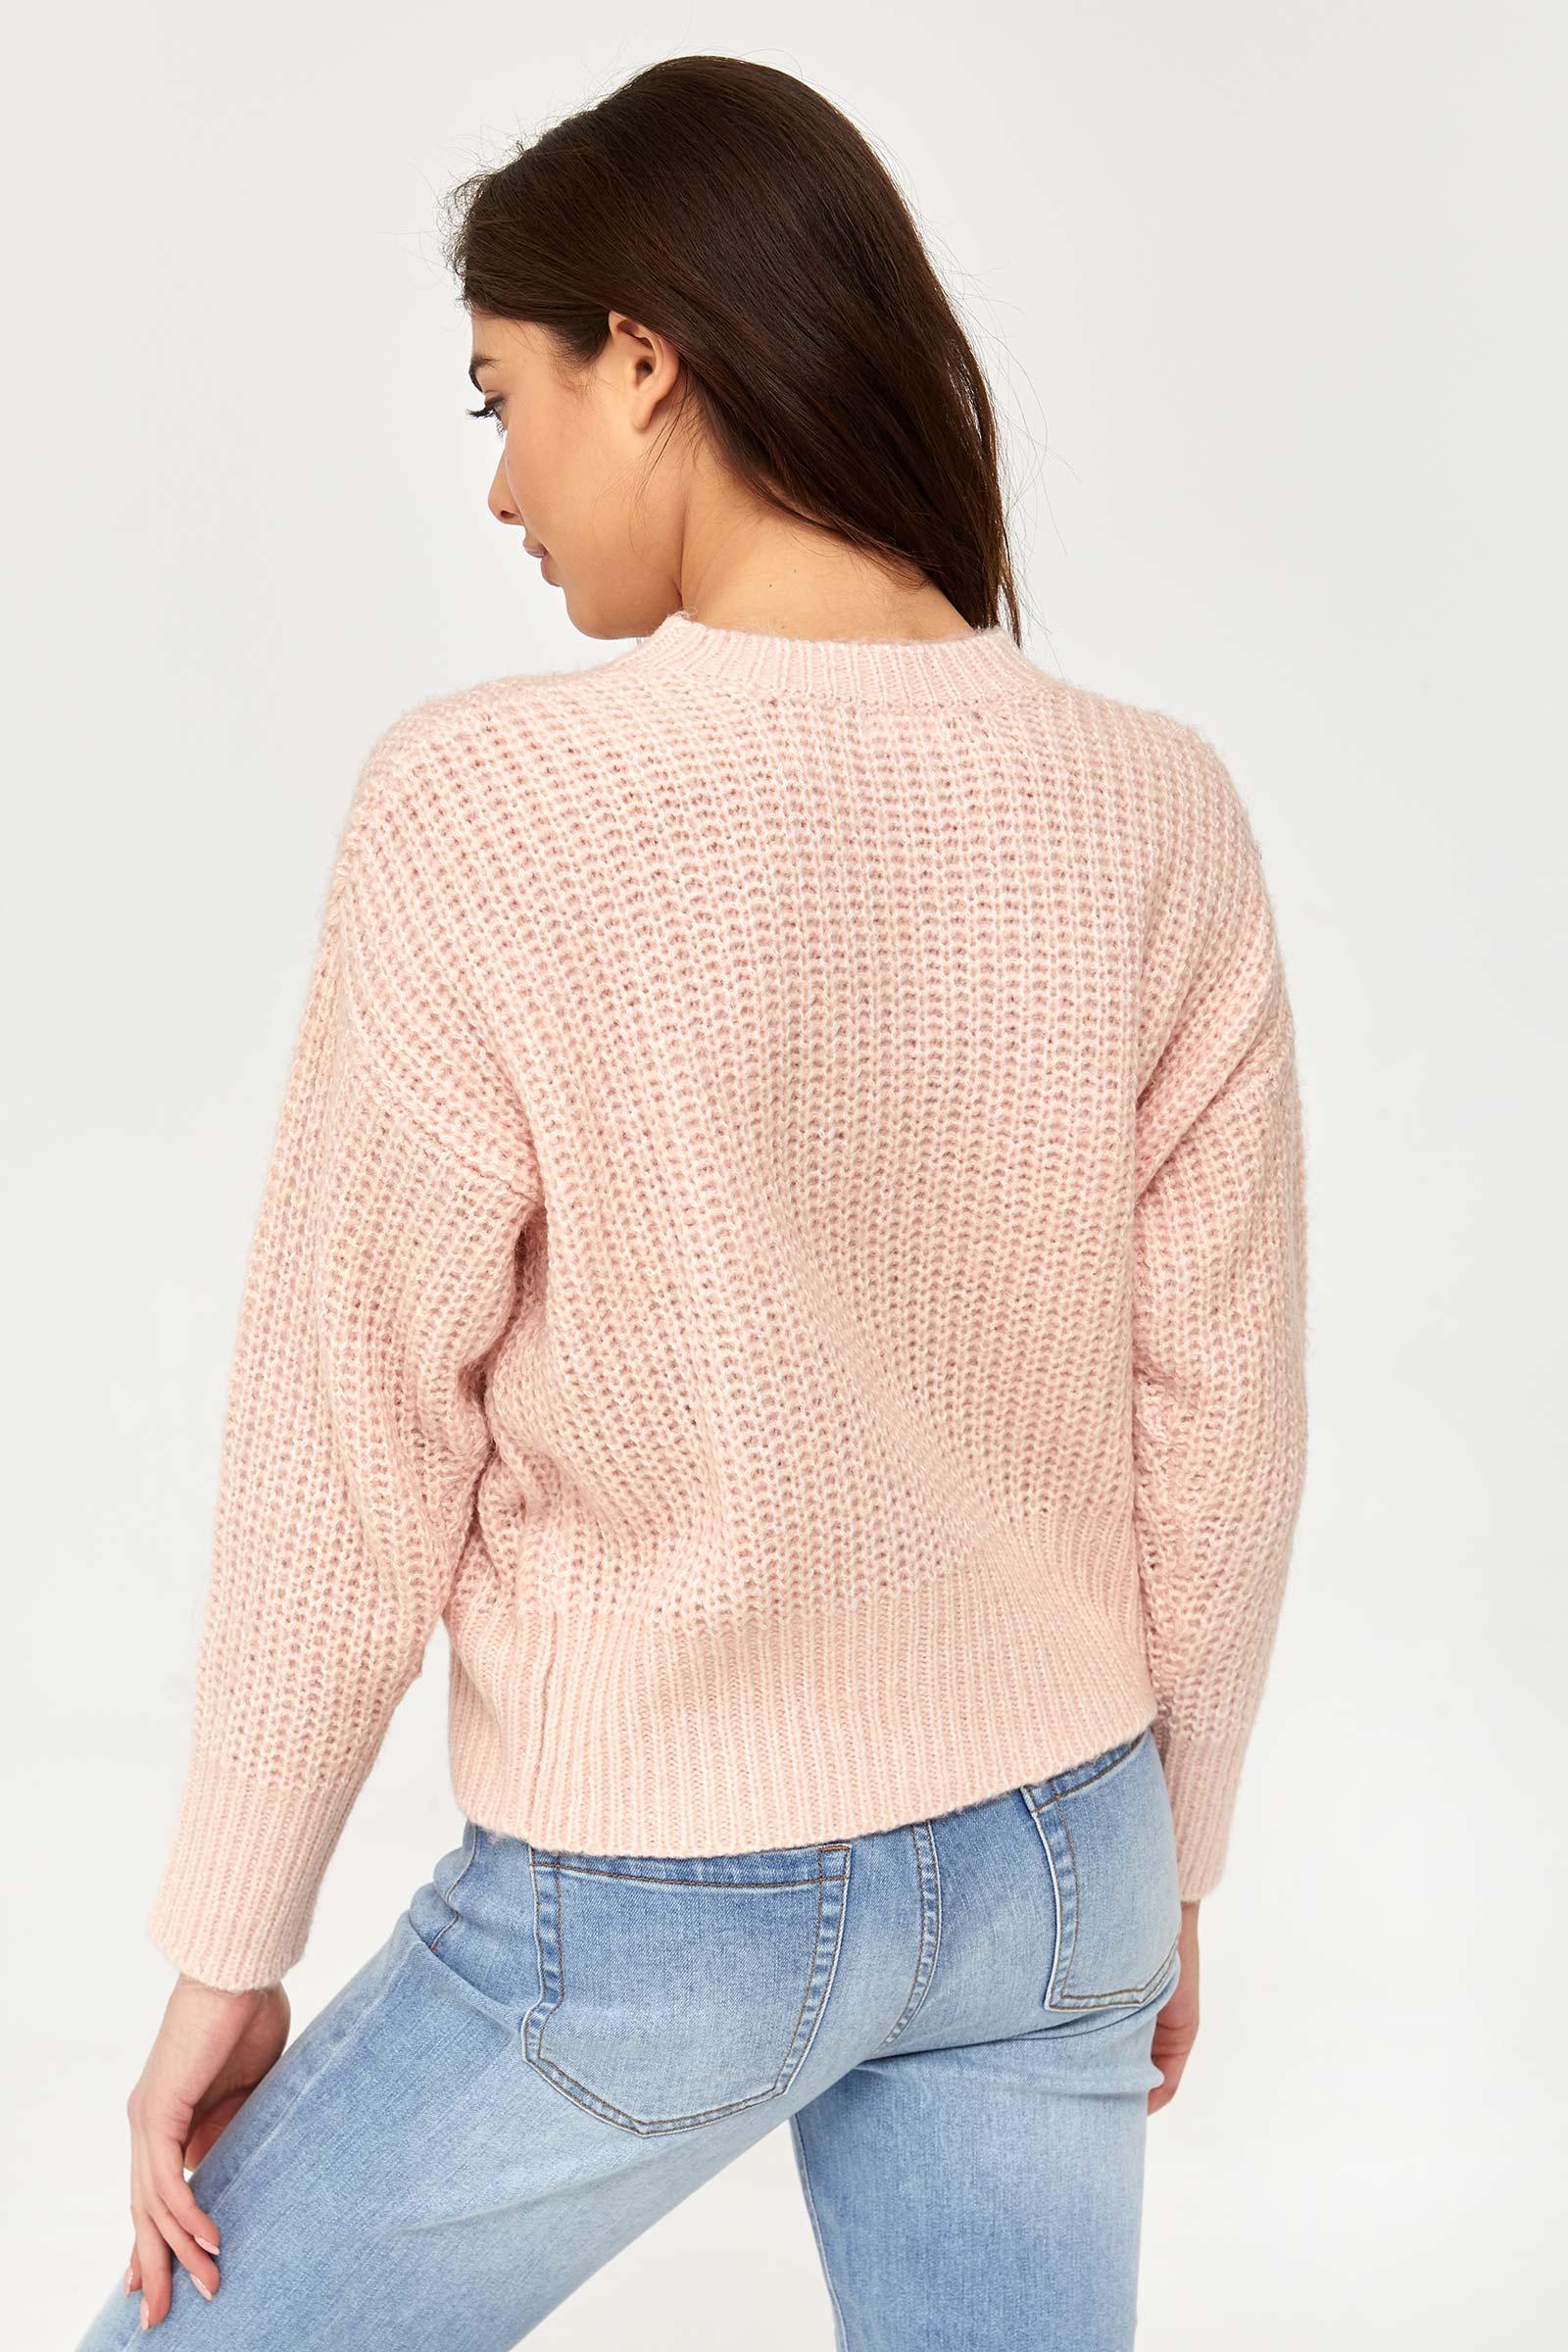 Chandail pelucheux en tricot